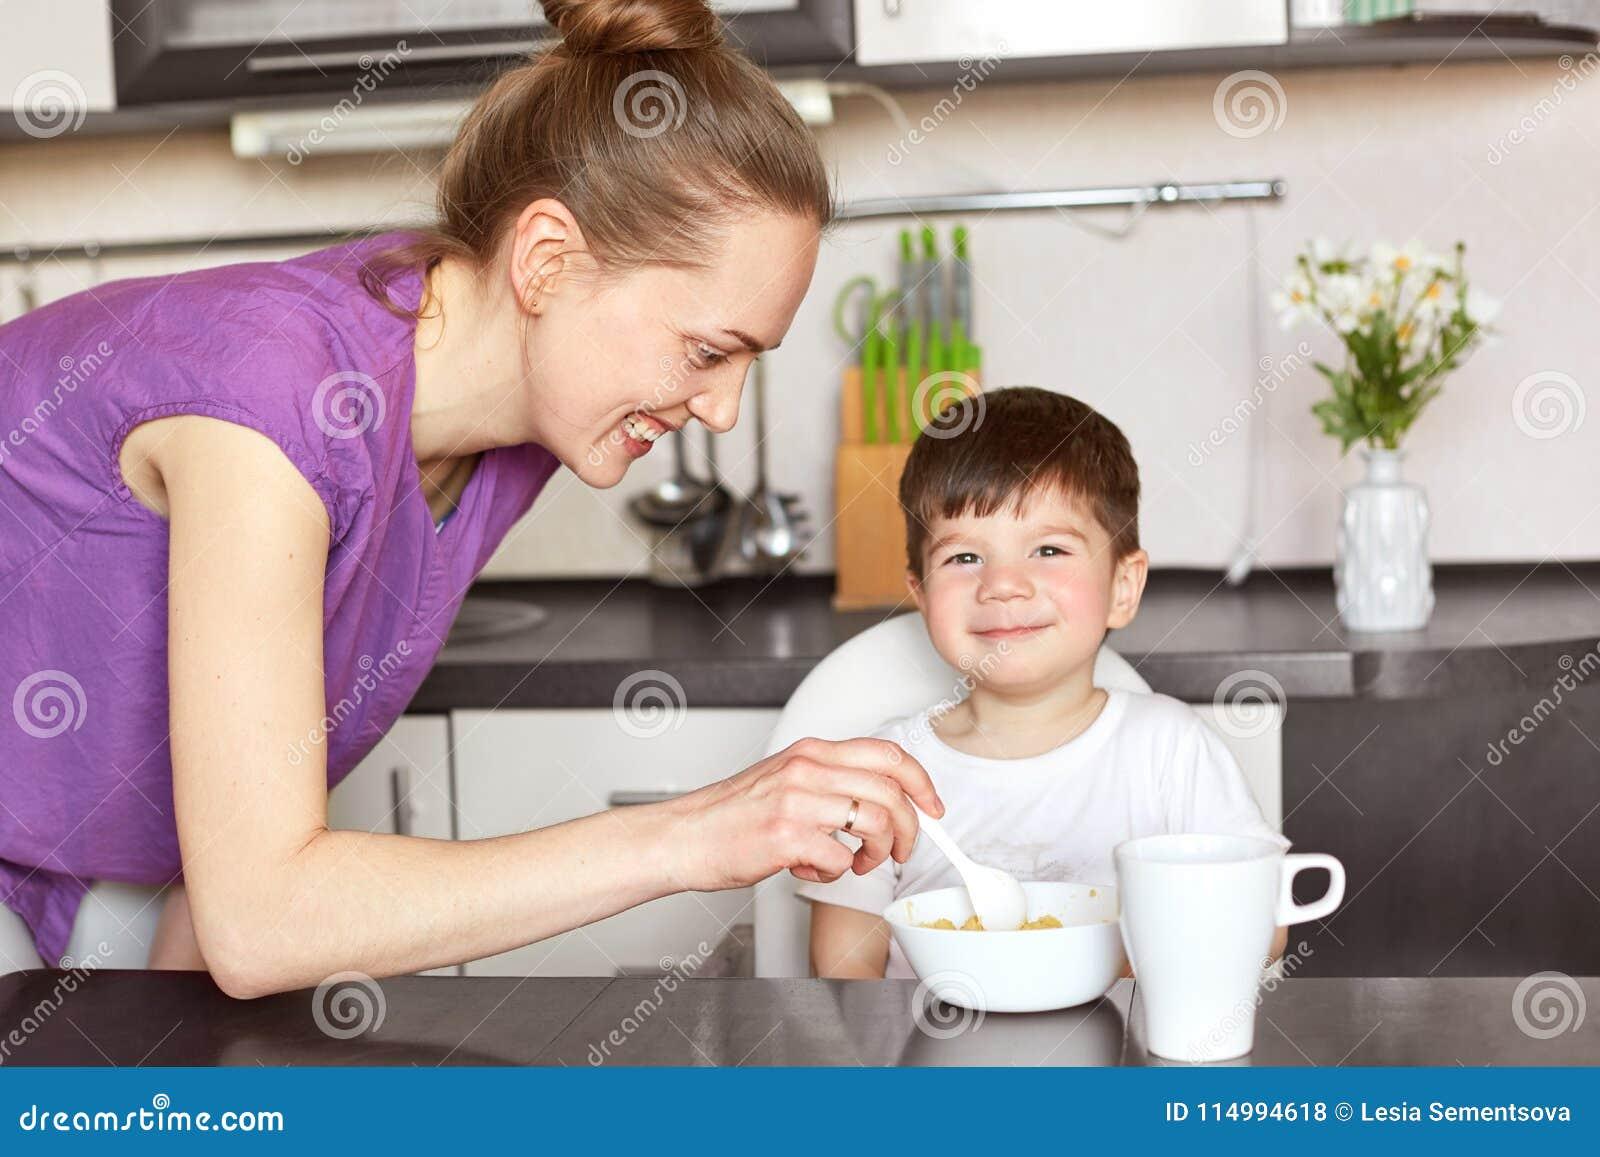 A mãe contente alimenta sua criança masculina pequena com colher, dá o papa de aveia delicioso e o chá, promete ir para a caminha